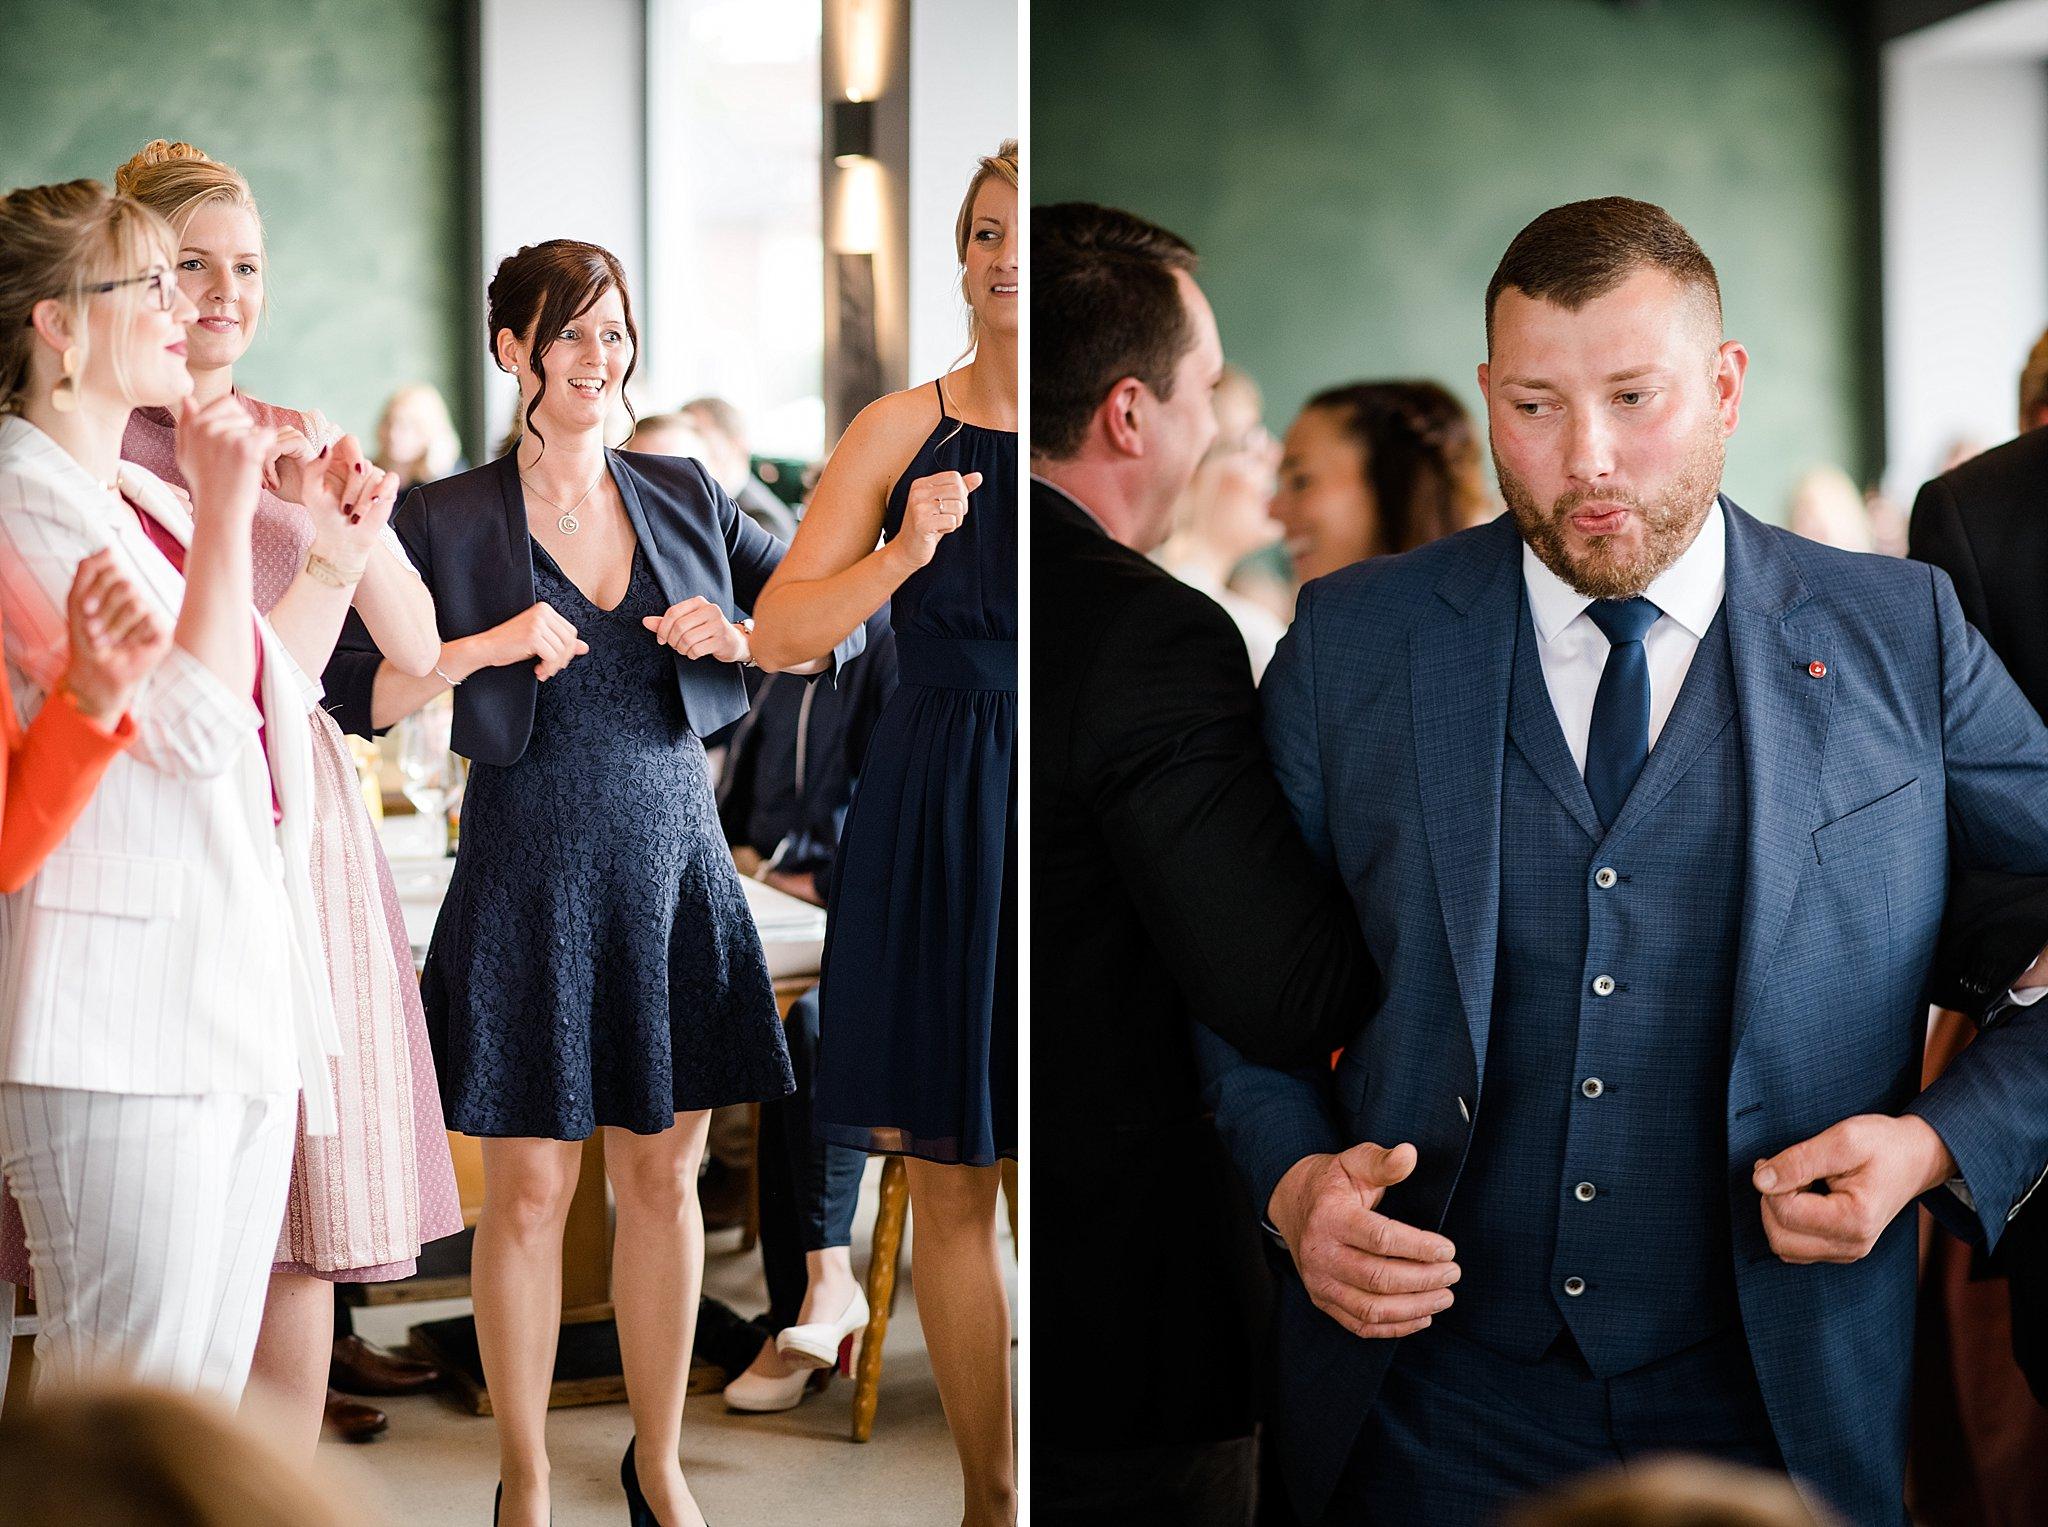 Hochzeit-von-Marina-Dominik-auf-Burg-Wernberg-und-Schloss-Friedrichsburg-00072